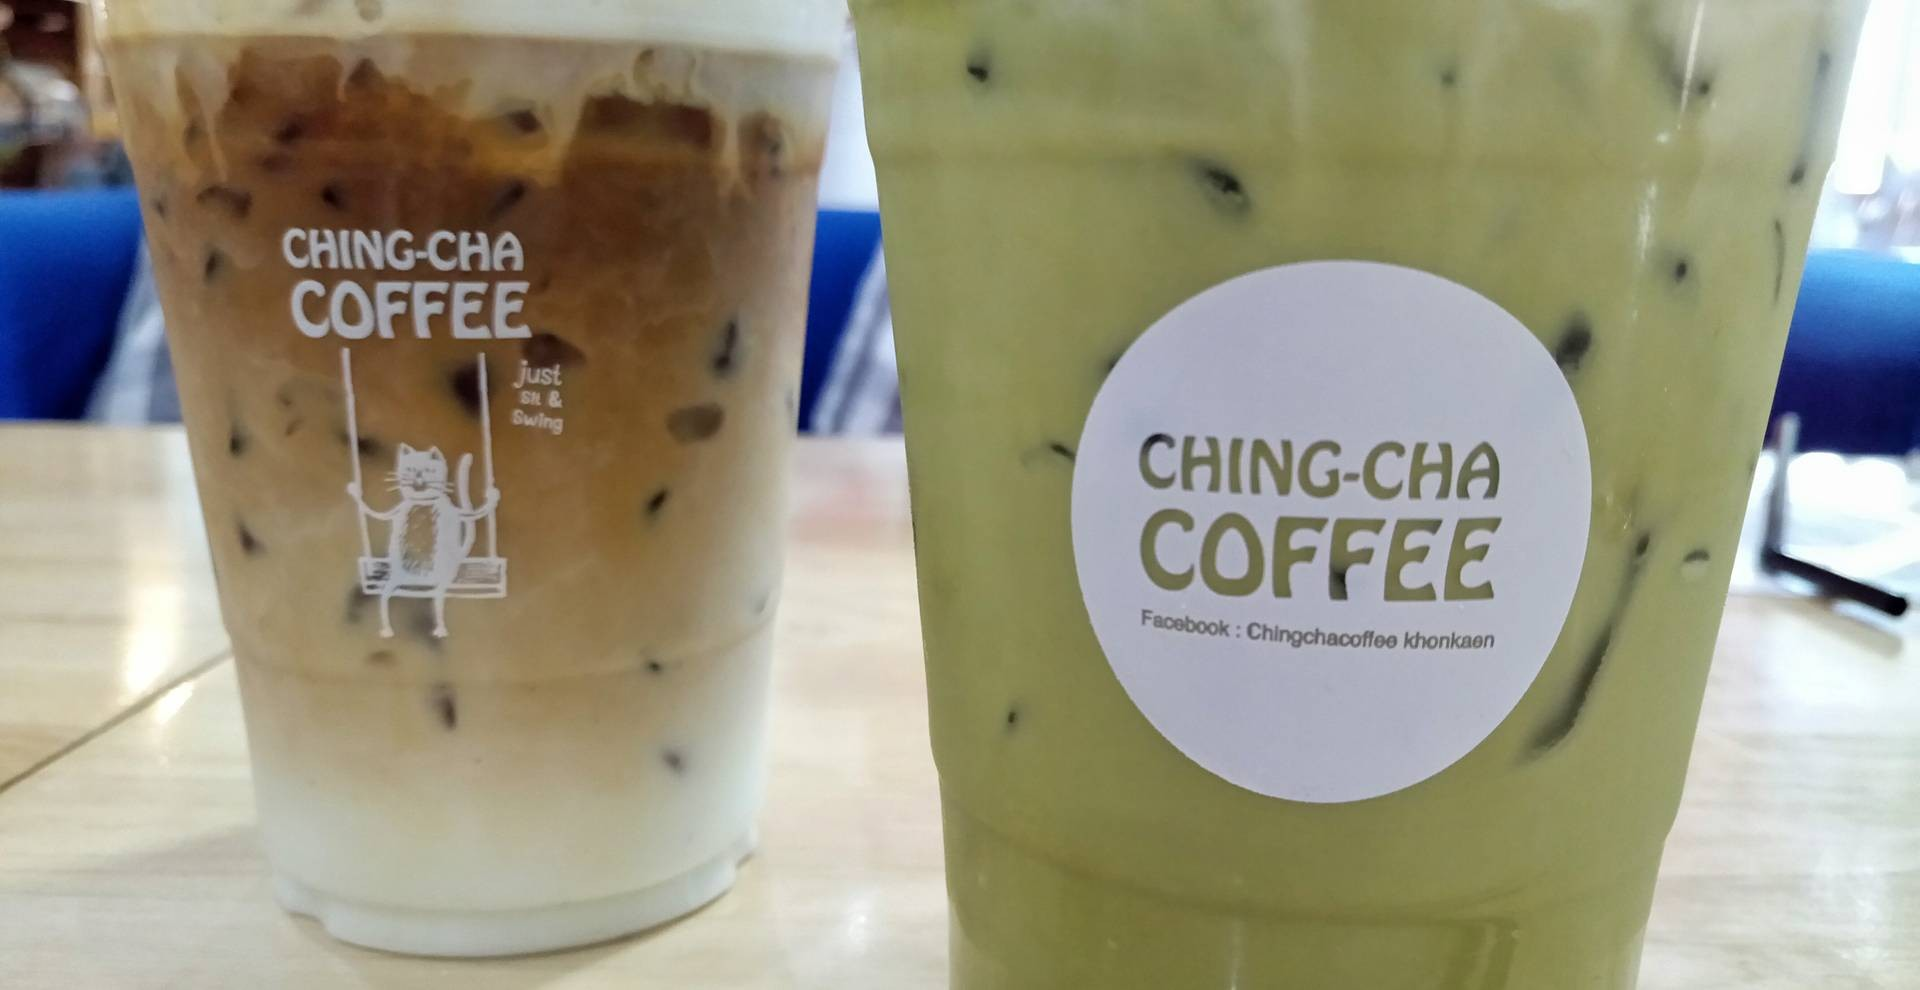 Chingcha Coffee